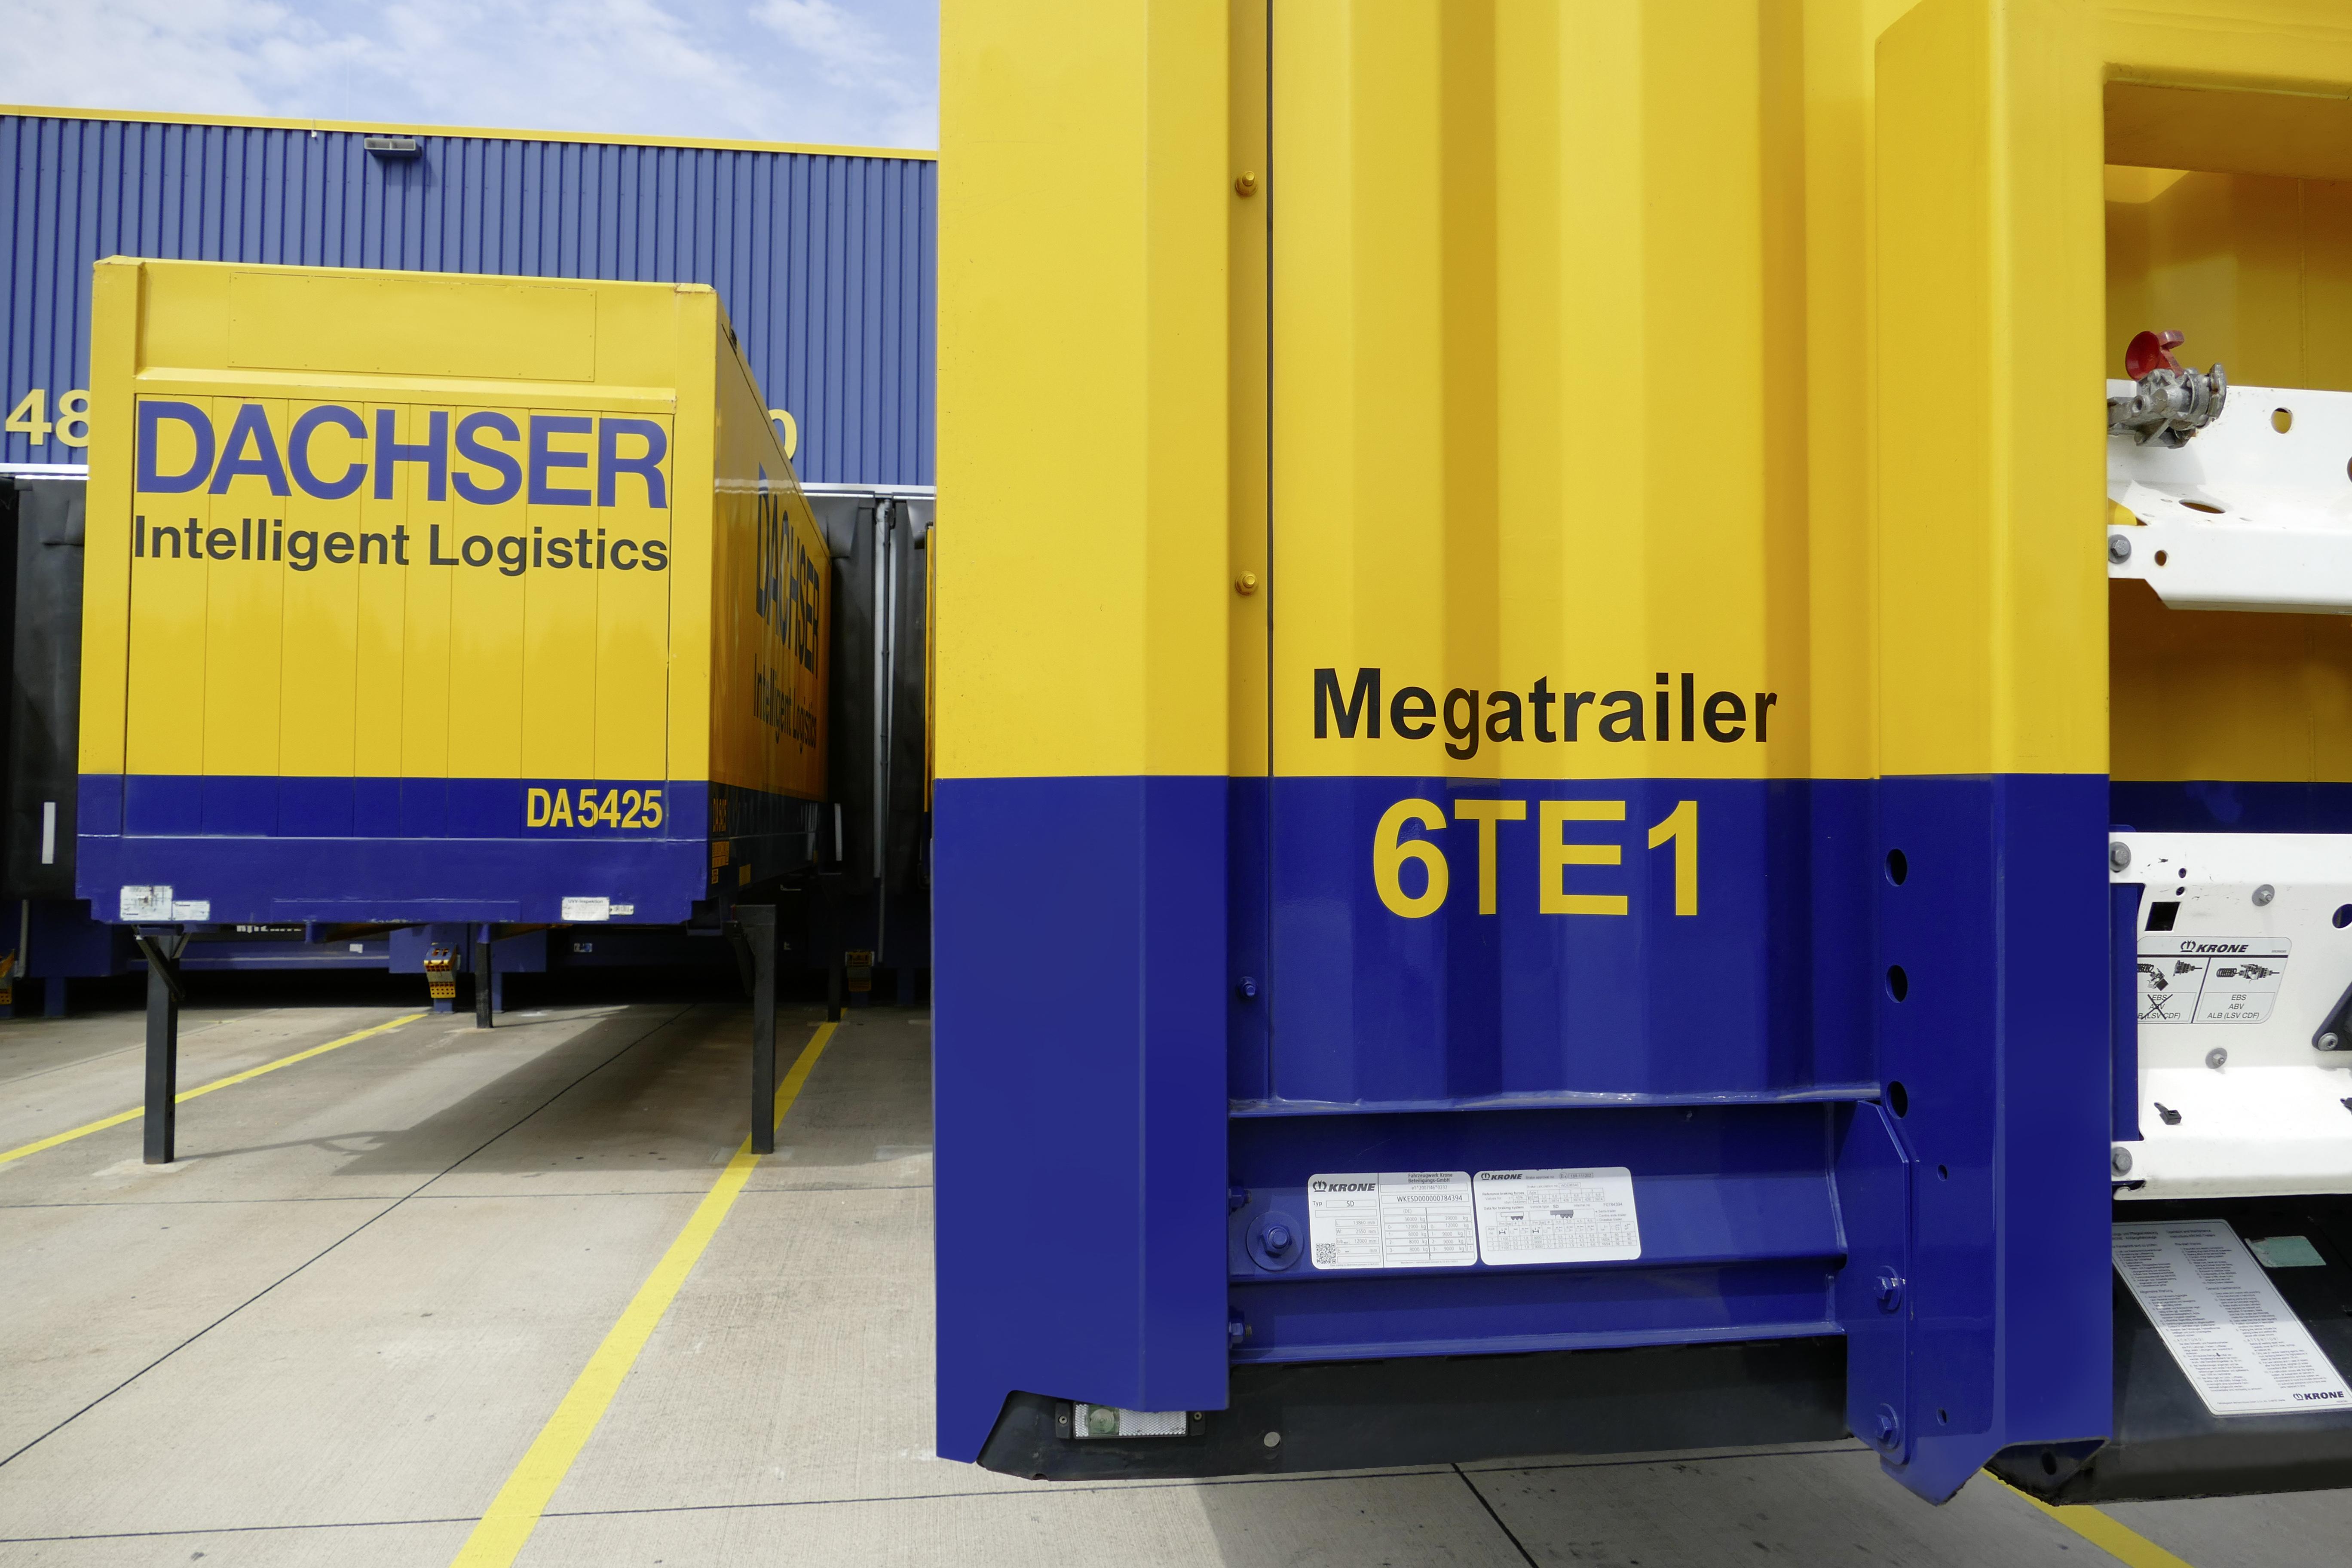 Dachser satser på trailere med større plass